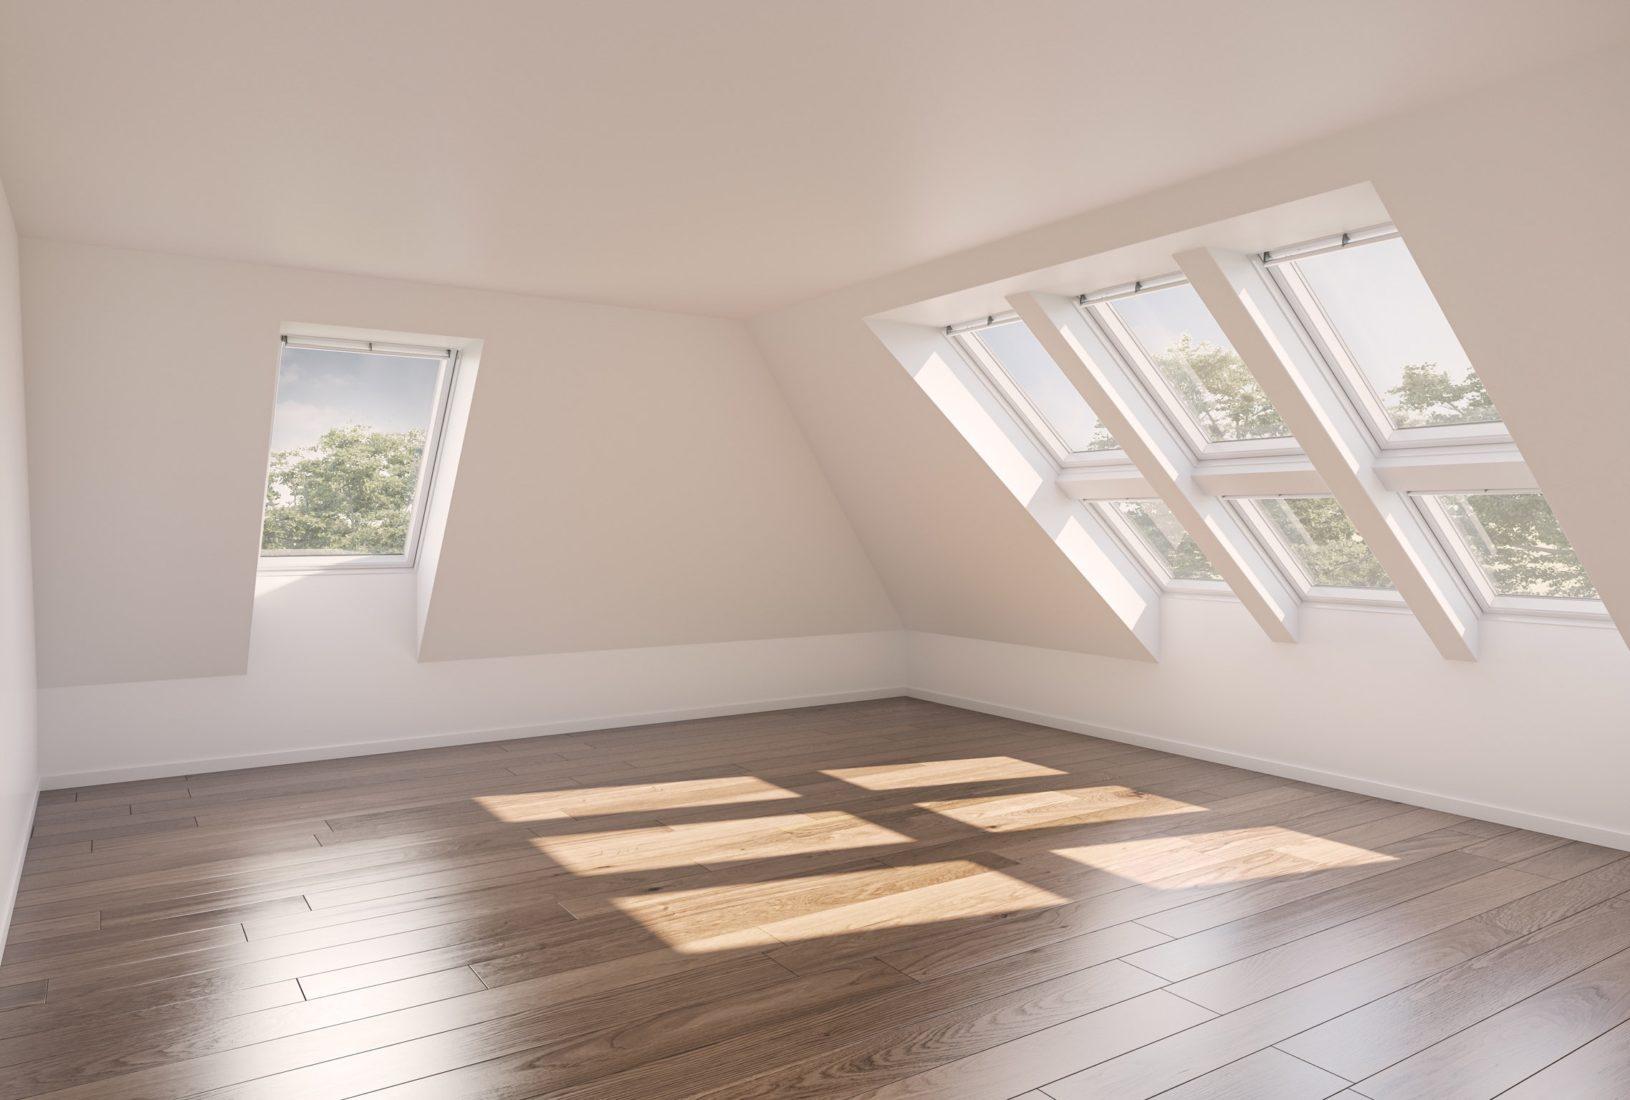 Dieser Raum verfügt definitiv über eine angemessene Tageslichtversorgung. Foto: Velux